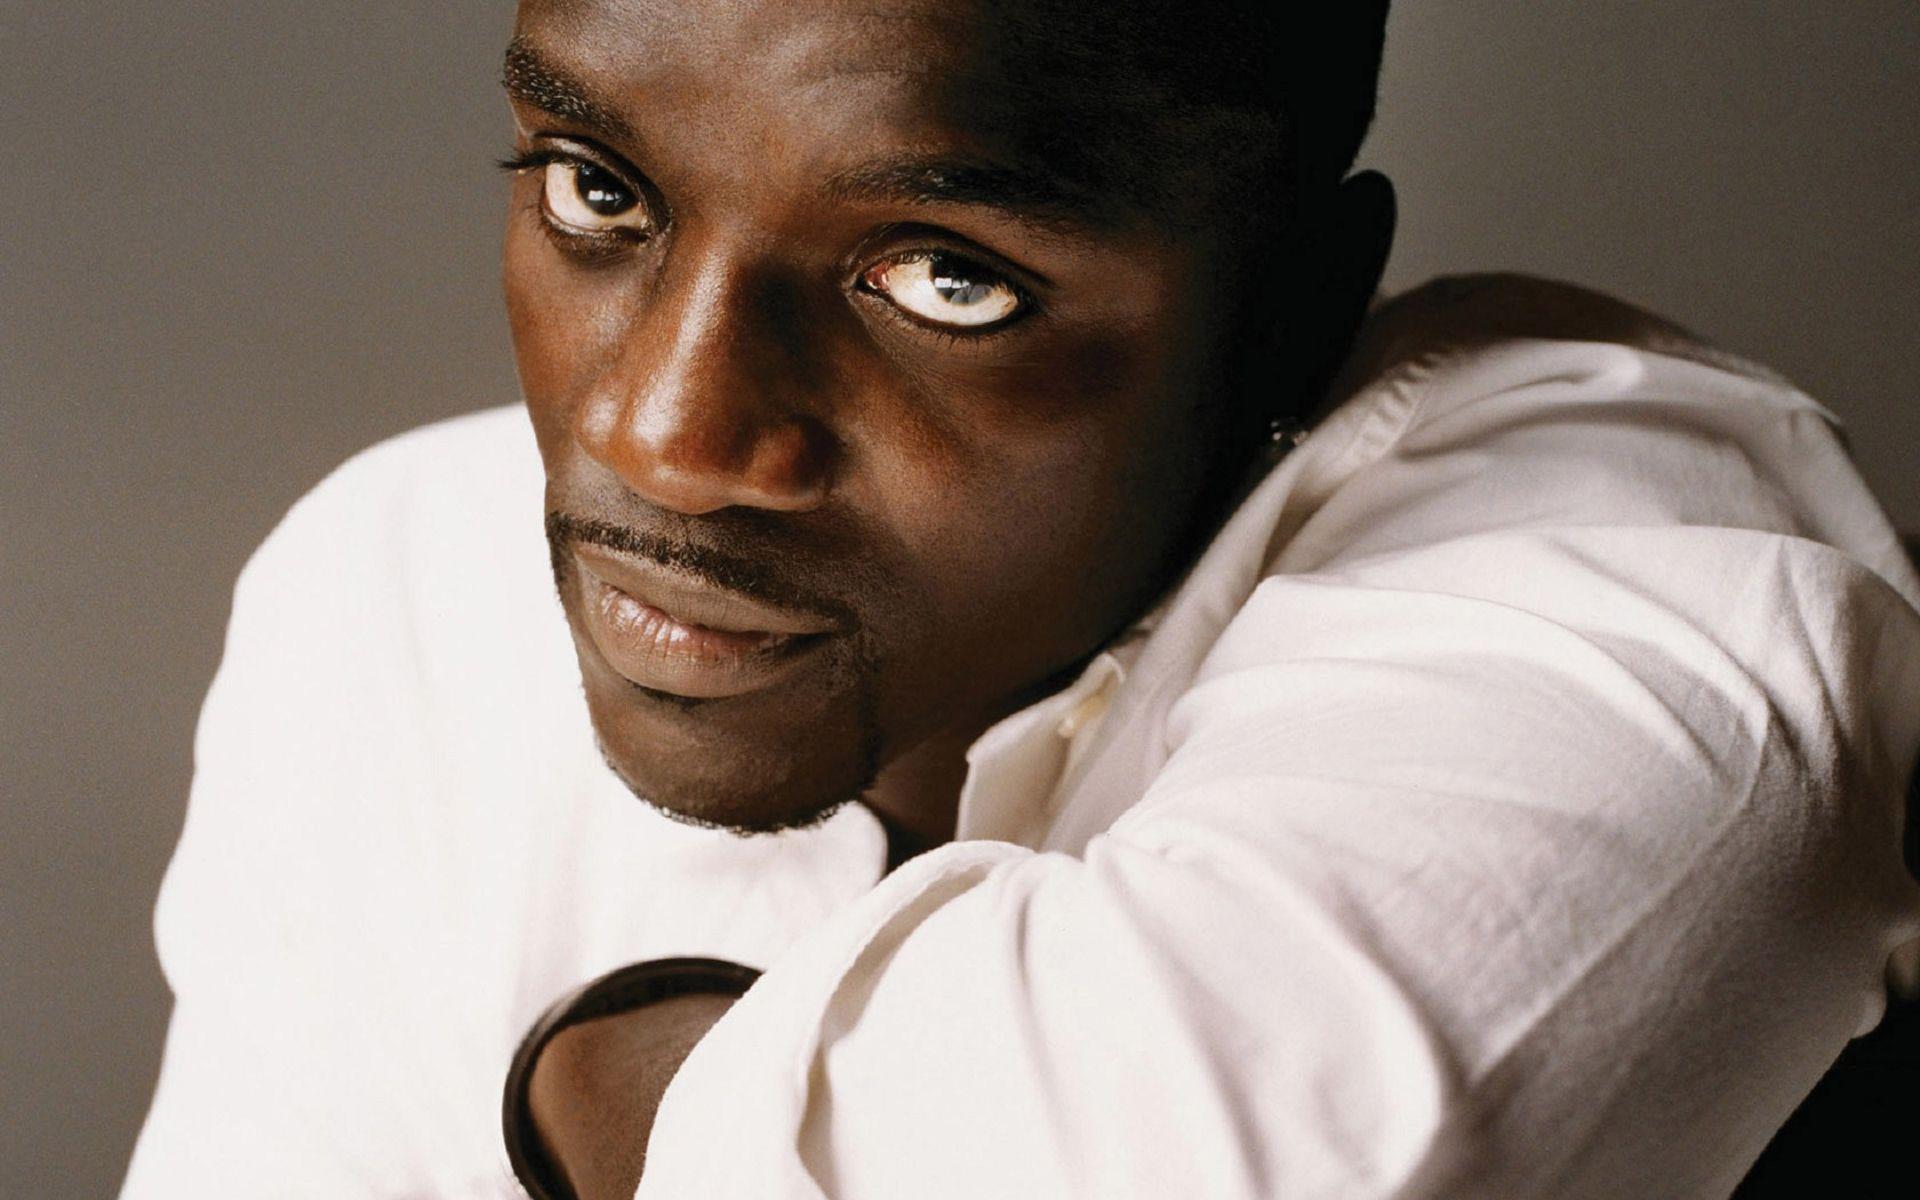 Rapper Akon HD Wallpapers Akon Singer Akon Wallpapers Hip Hop